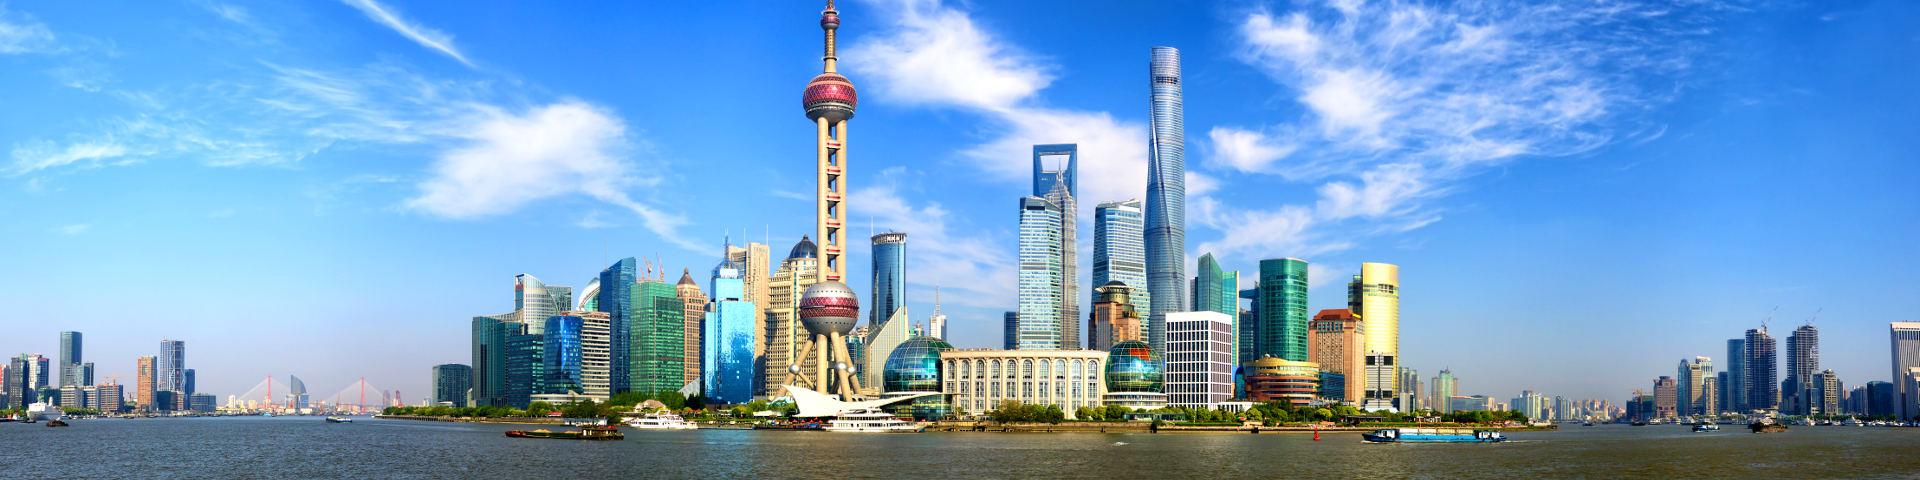 China shanghai hero